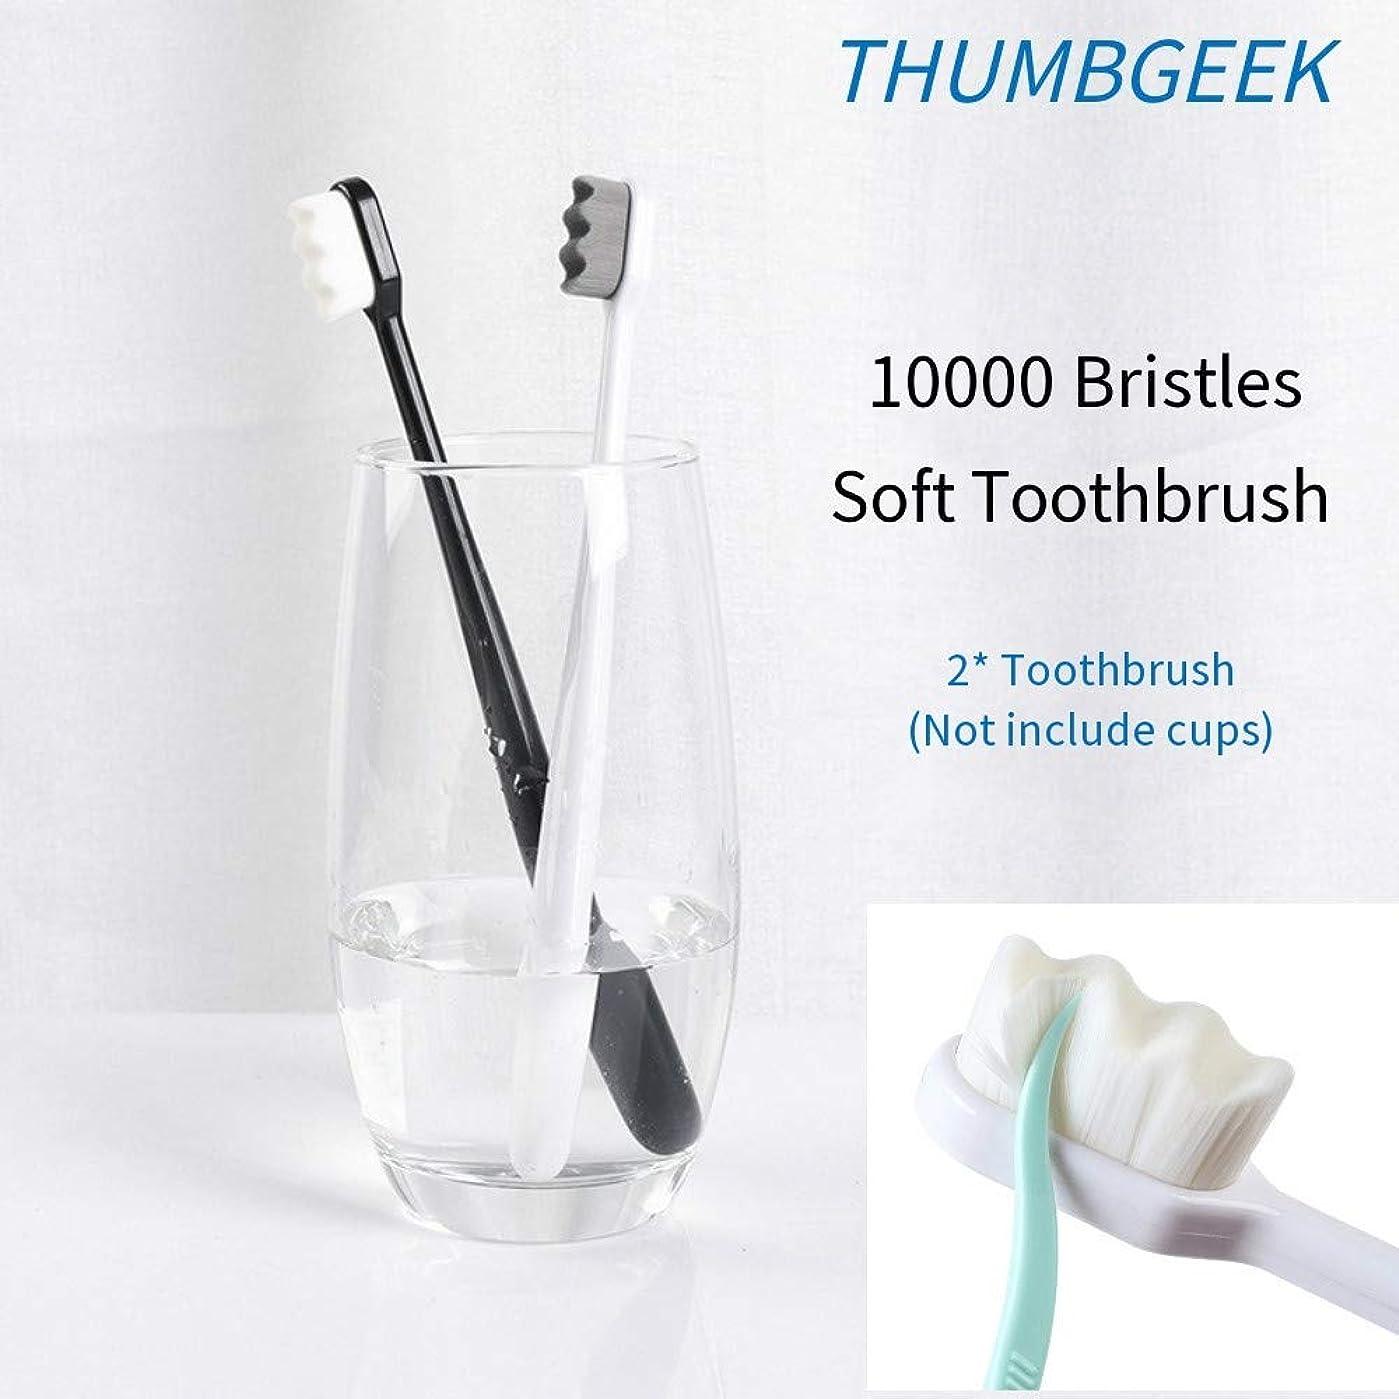 食堂地質学拡散する2本の歯ブラシ、ウルトラソフト歯ブラシ、家族の妊娠中の女性用、年配の看護の歯肉に敏感なディープマウスクリーンオーラルケア、手動歯ブラシ